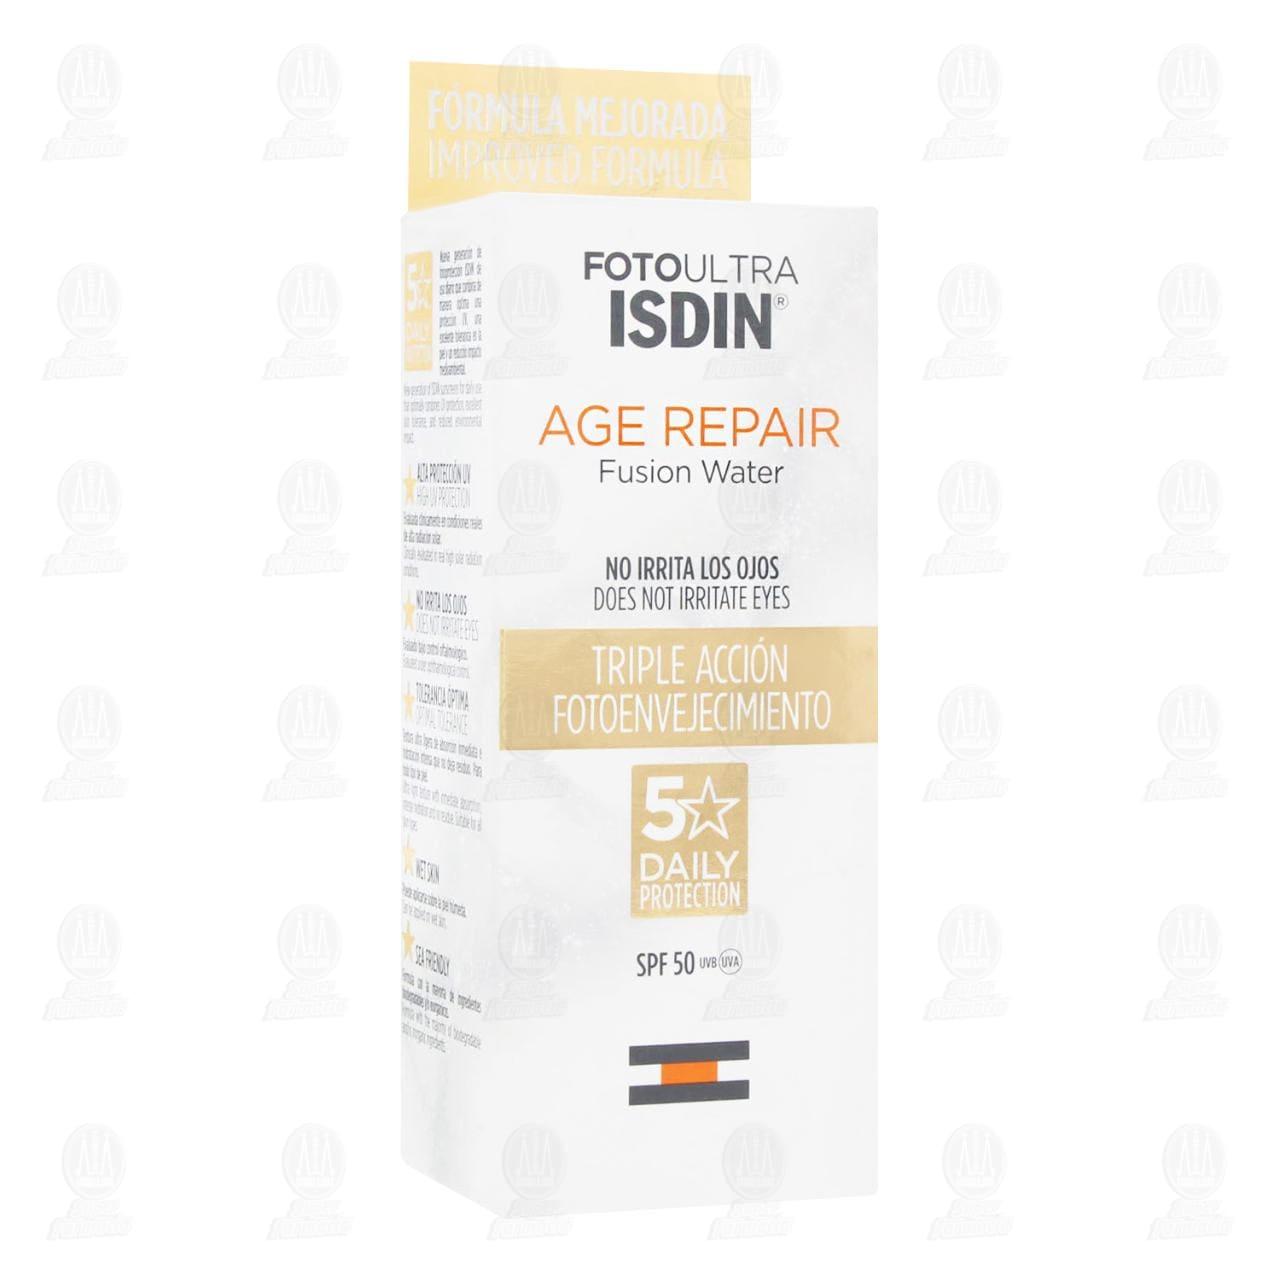 Comprar Fotoultra Isdin 50 Age Repair Fusion Water, 50 ml. en Farmacias Guadalajara